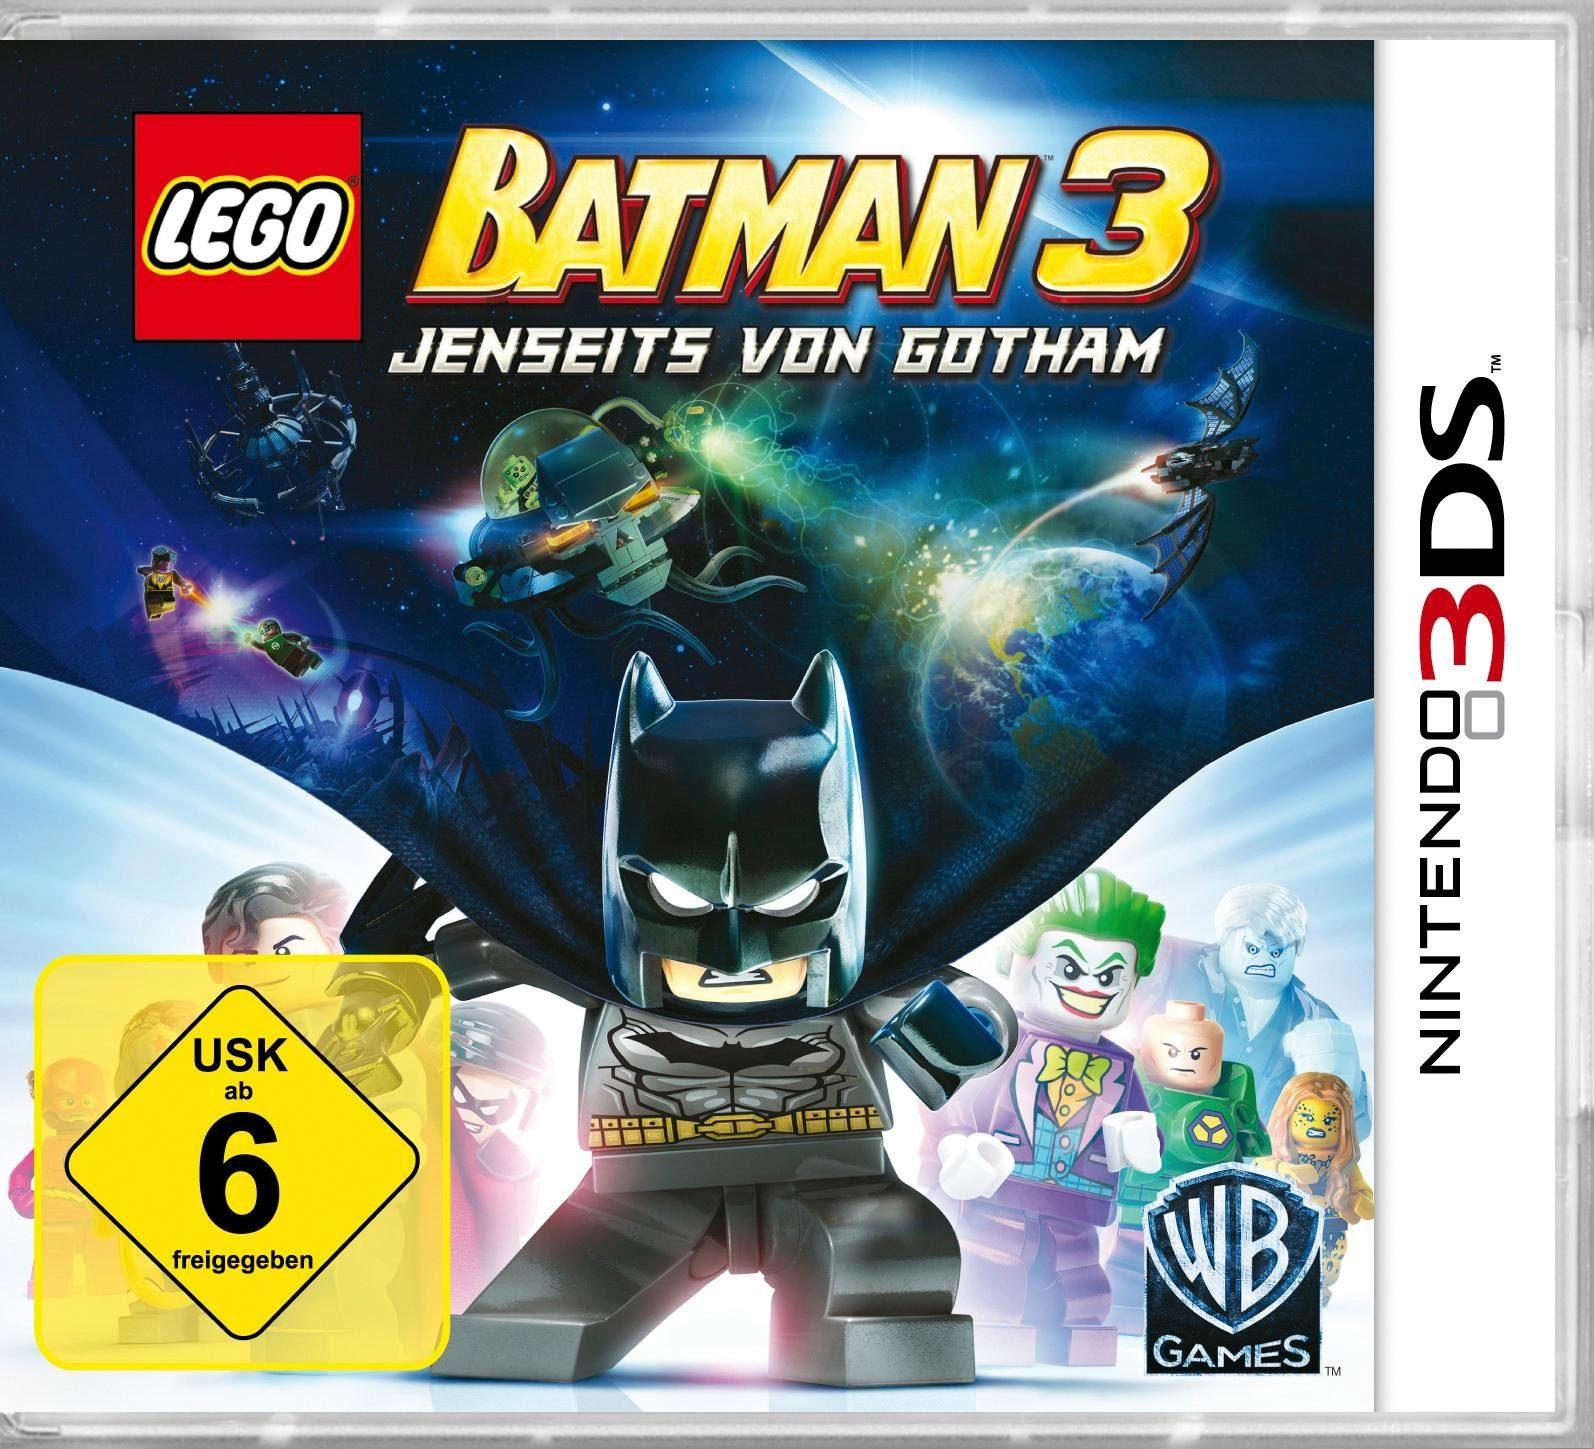 Lego Batman 3 - Jenseits von Gotham Nintendo 3DS, Software Pyramide